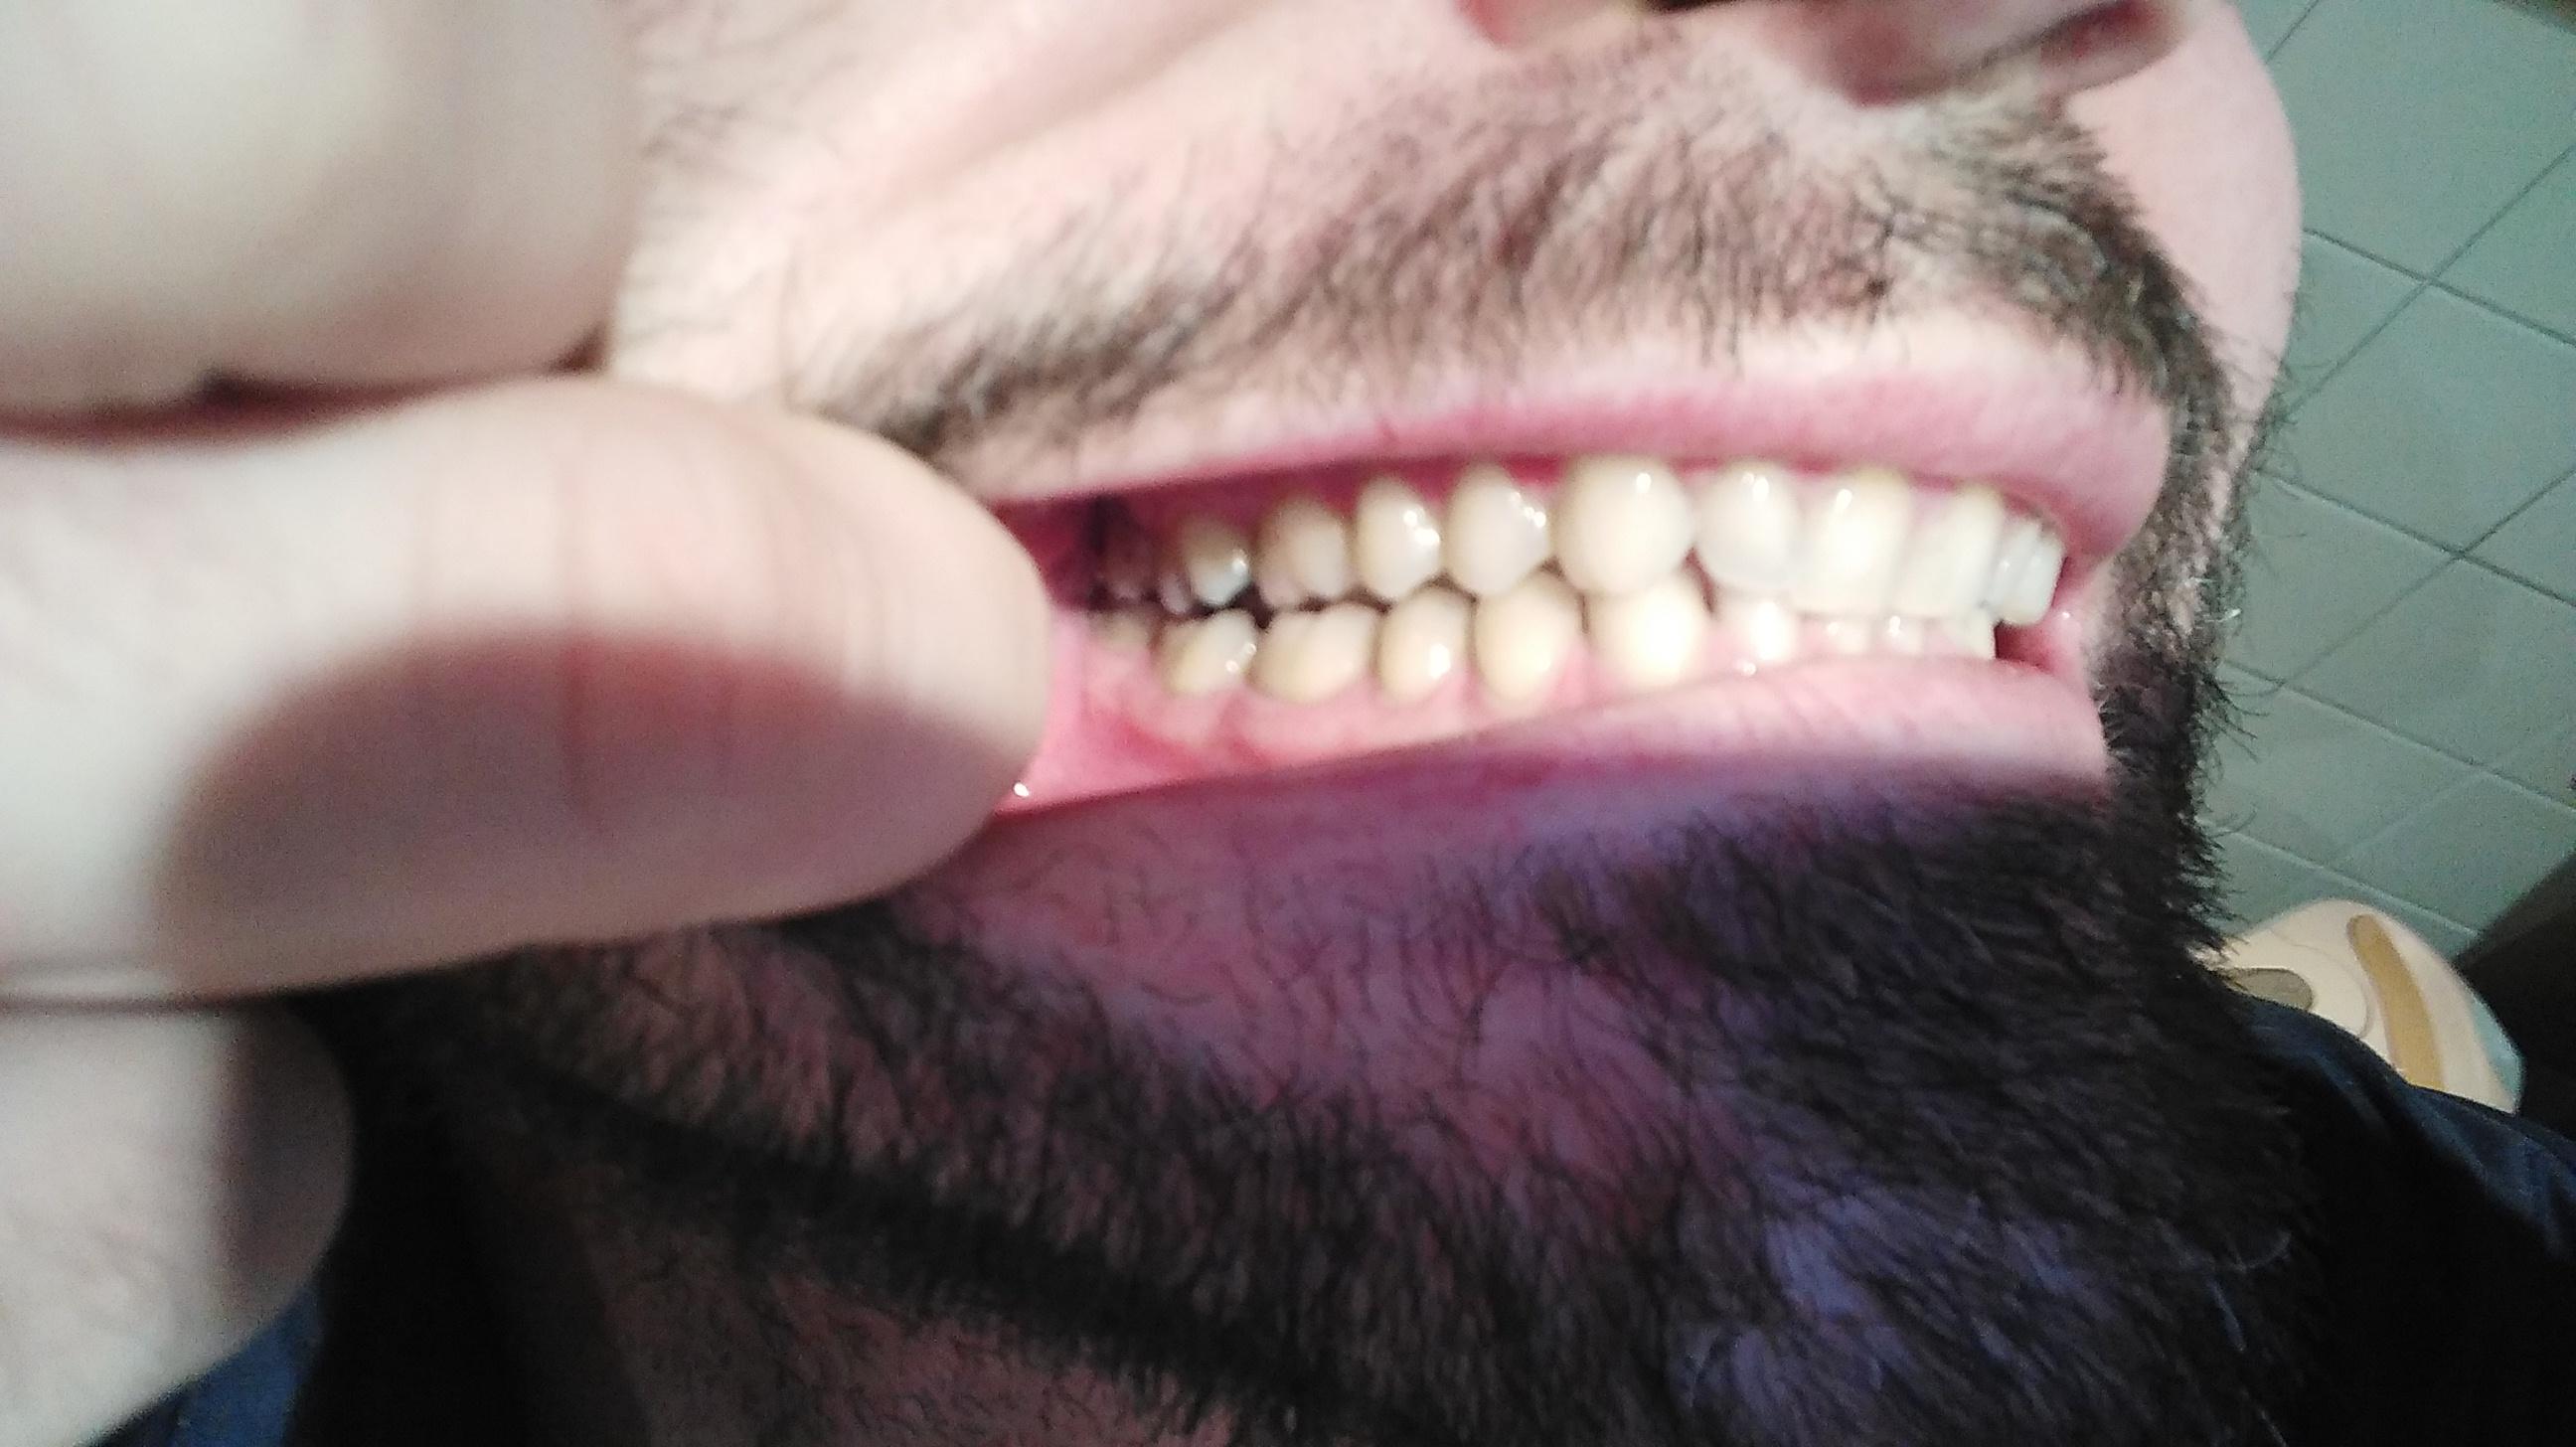 Secondo voi devo togliere un dente del giudizio a sx o no?